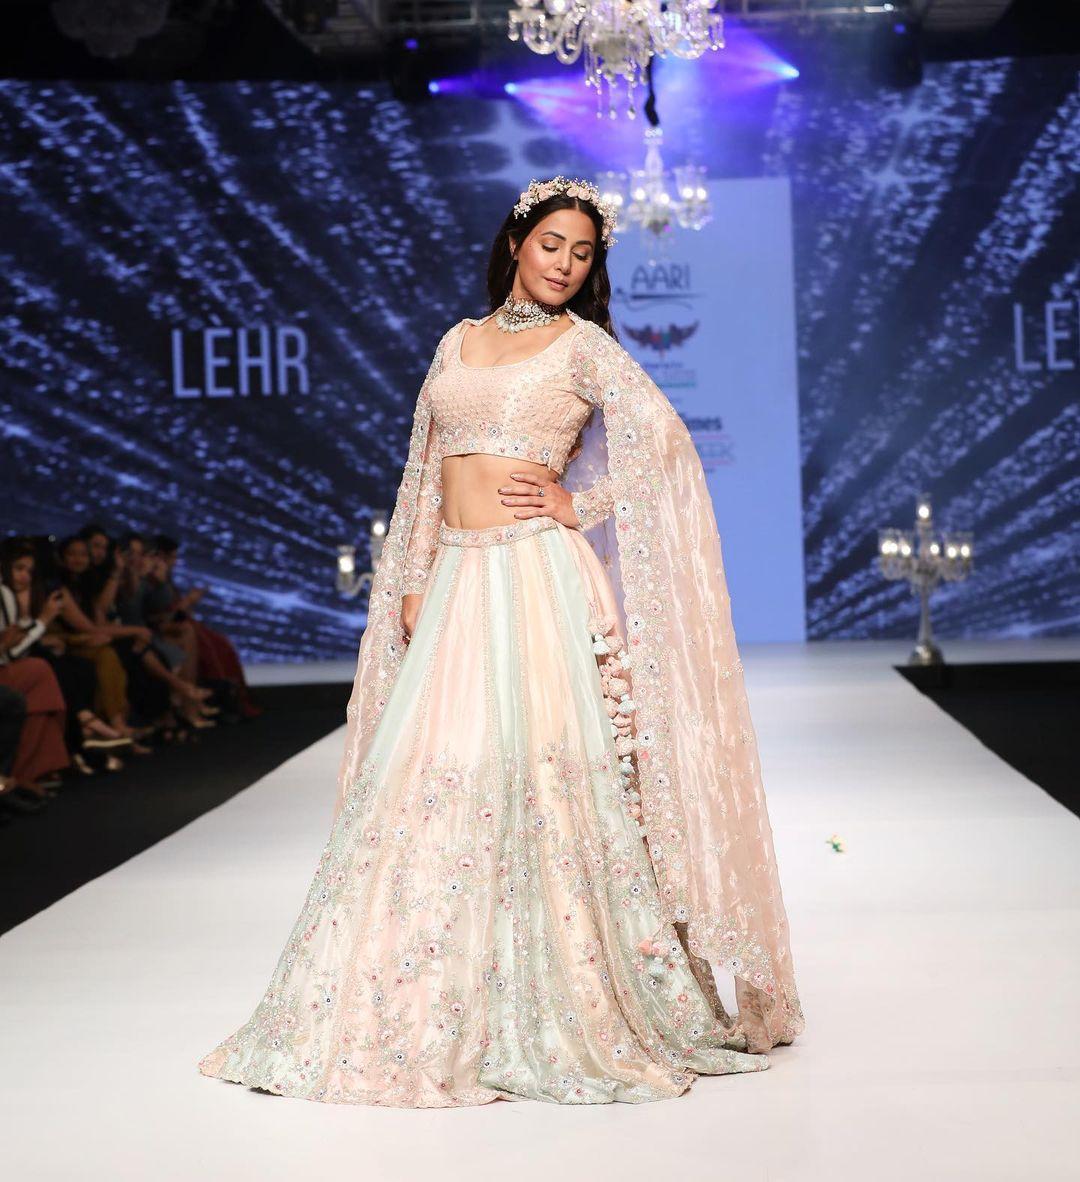 Hina Khan टाइम्स फैशन वीक में कैटवॉक करती आई नज़र, लहंगे में दिखा खूबसूरत अंदाज देखें Latest Photos